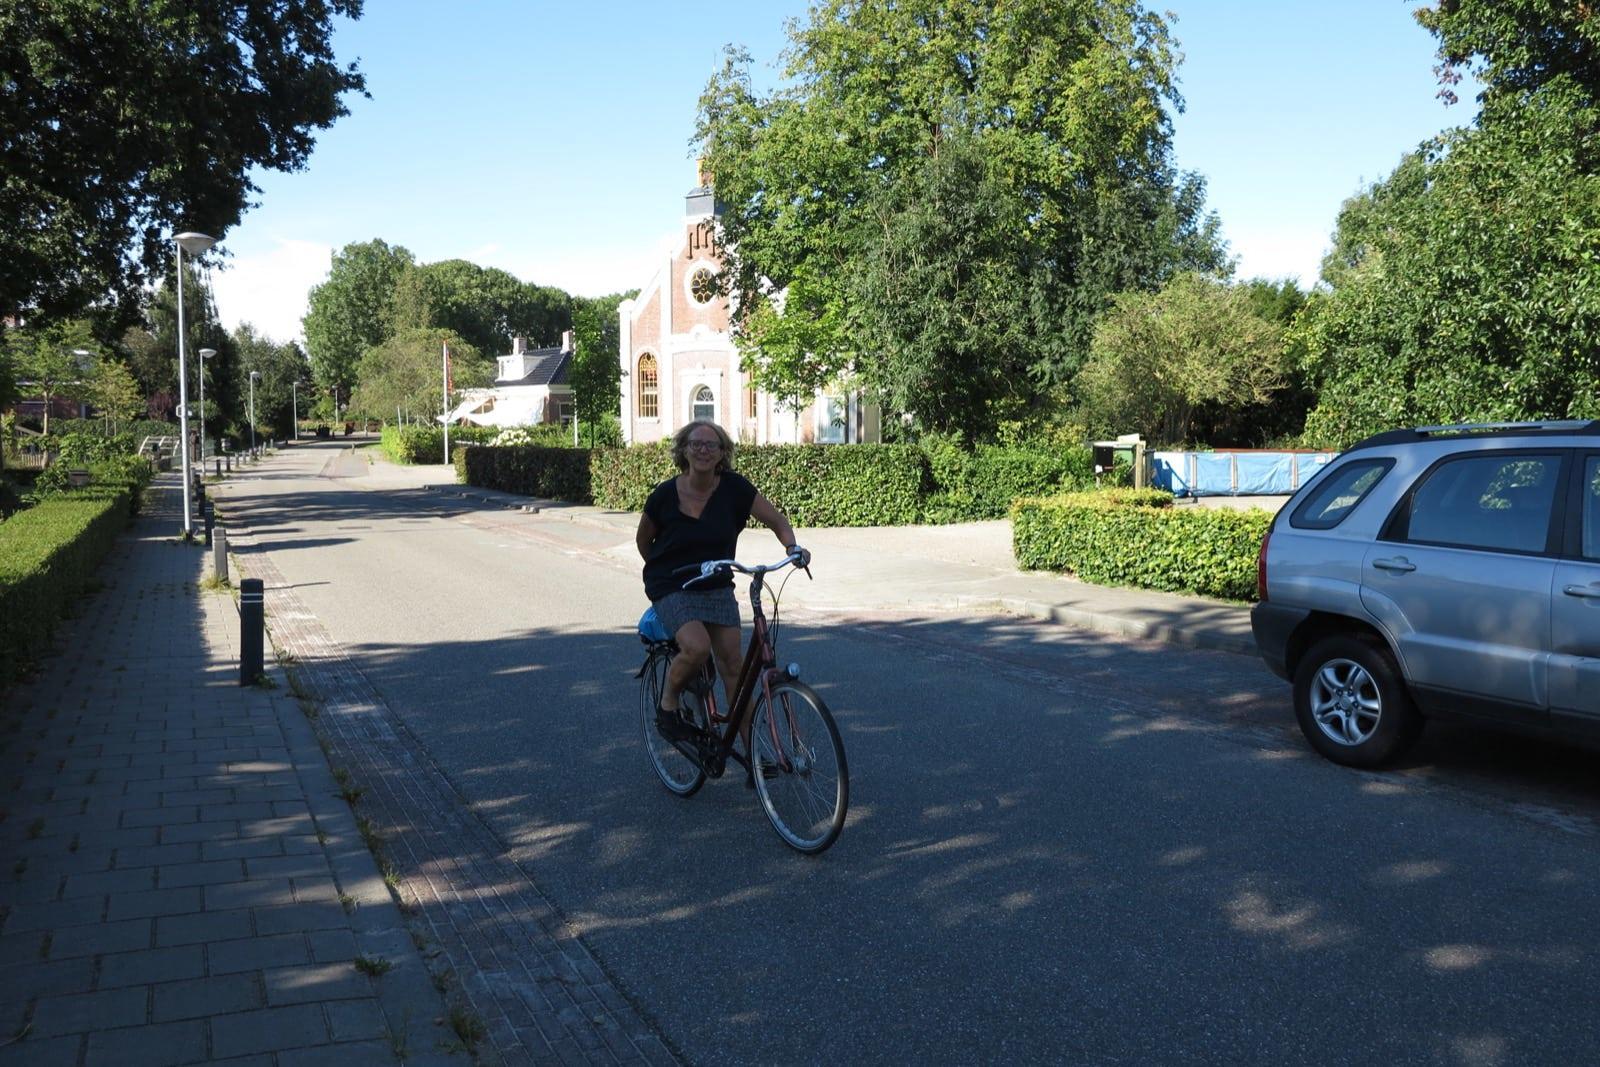 et-fiets-en-fietser-61-marjan-zijl-oi.jpg